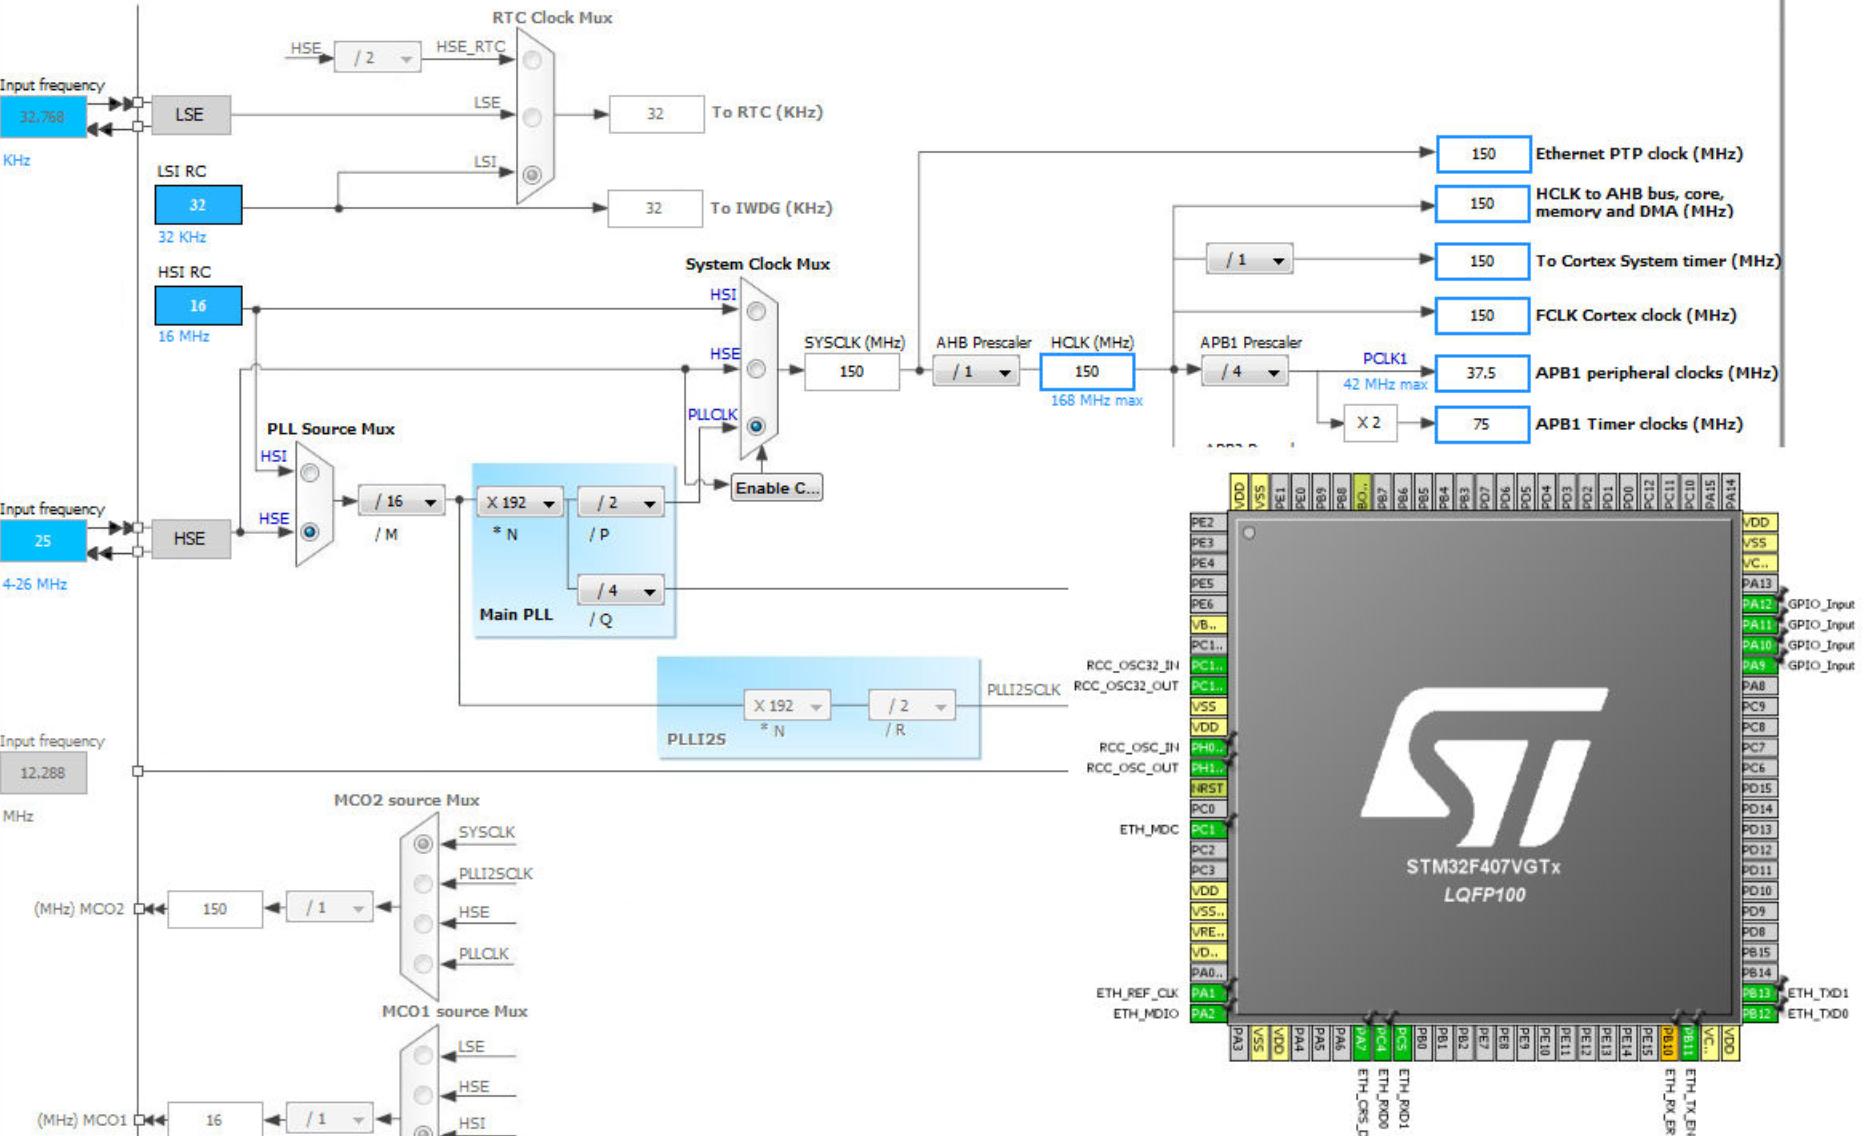 STM32의 개발자 중심 에코시스템, TrueSTUDIO IDE 무료화로 완성 - e4ds com